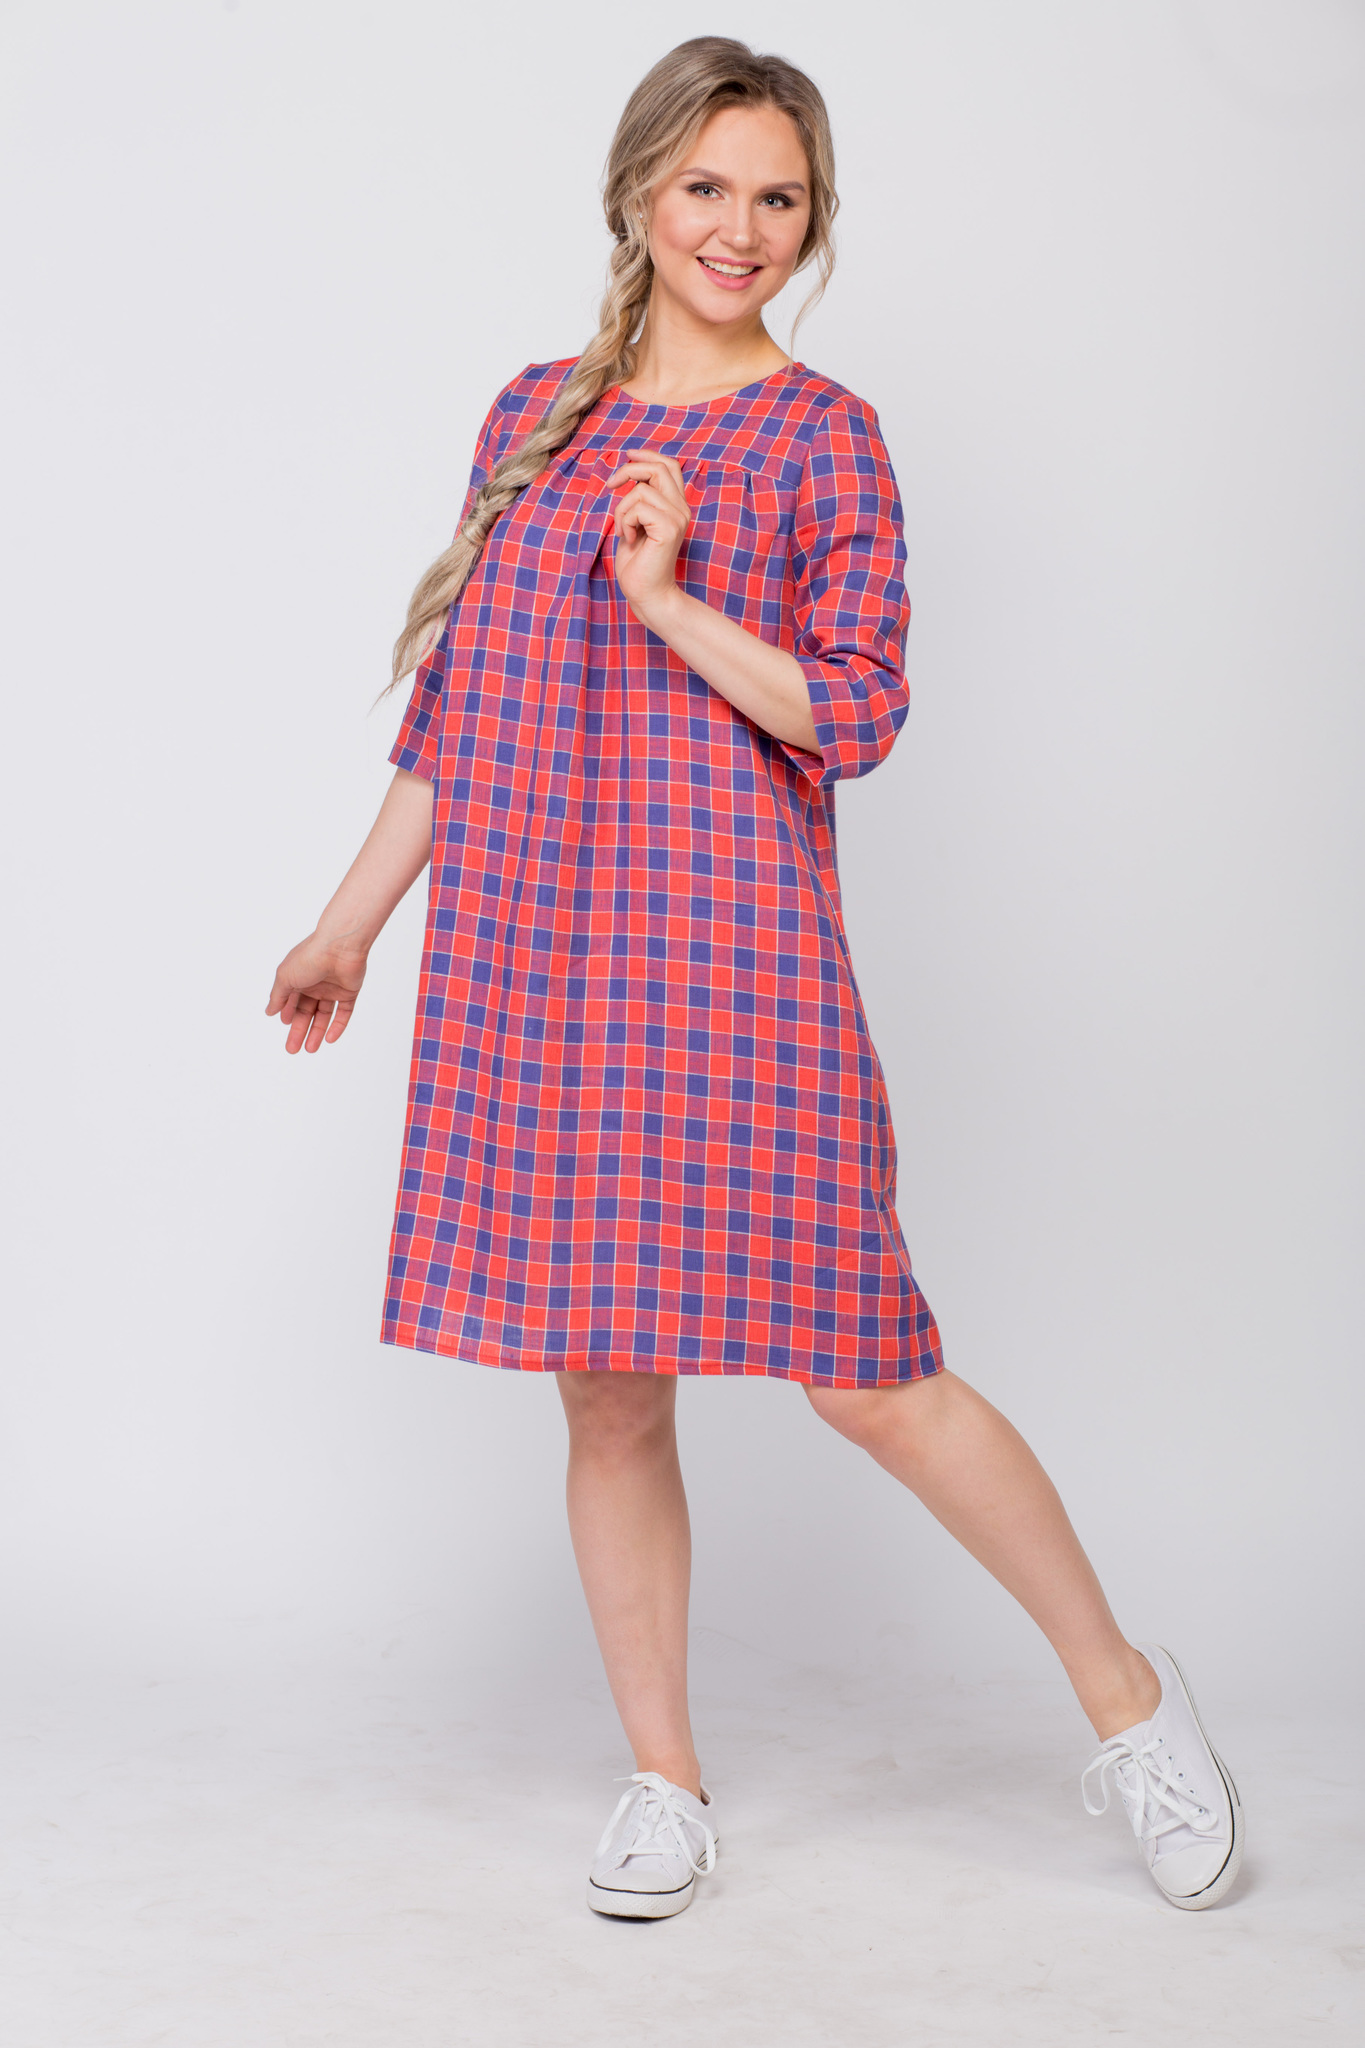 Платье льняное Хобби от Иванки